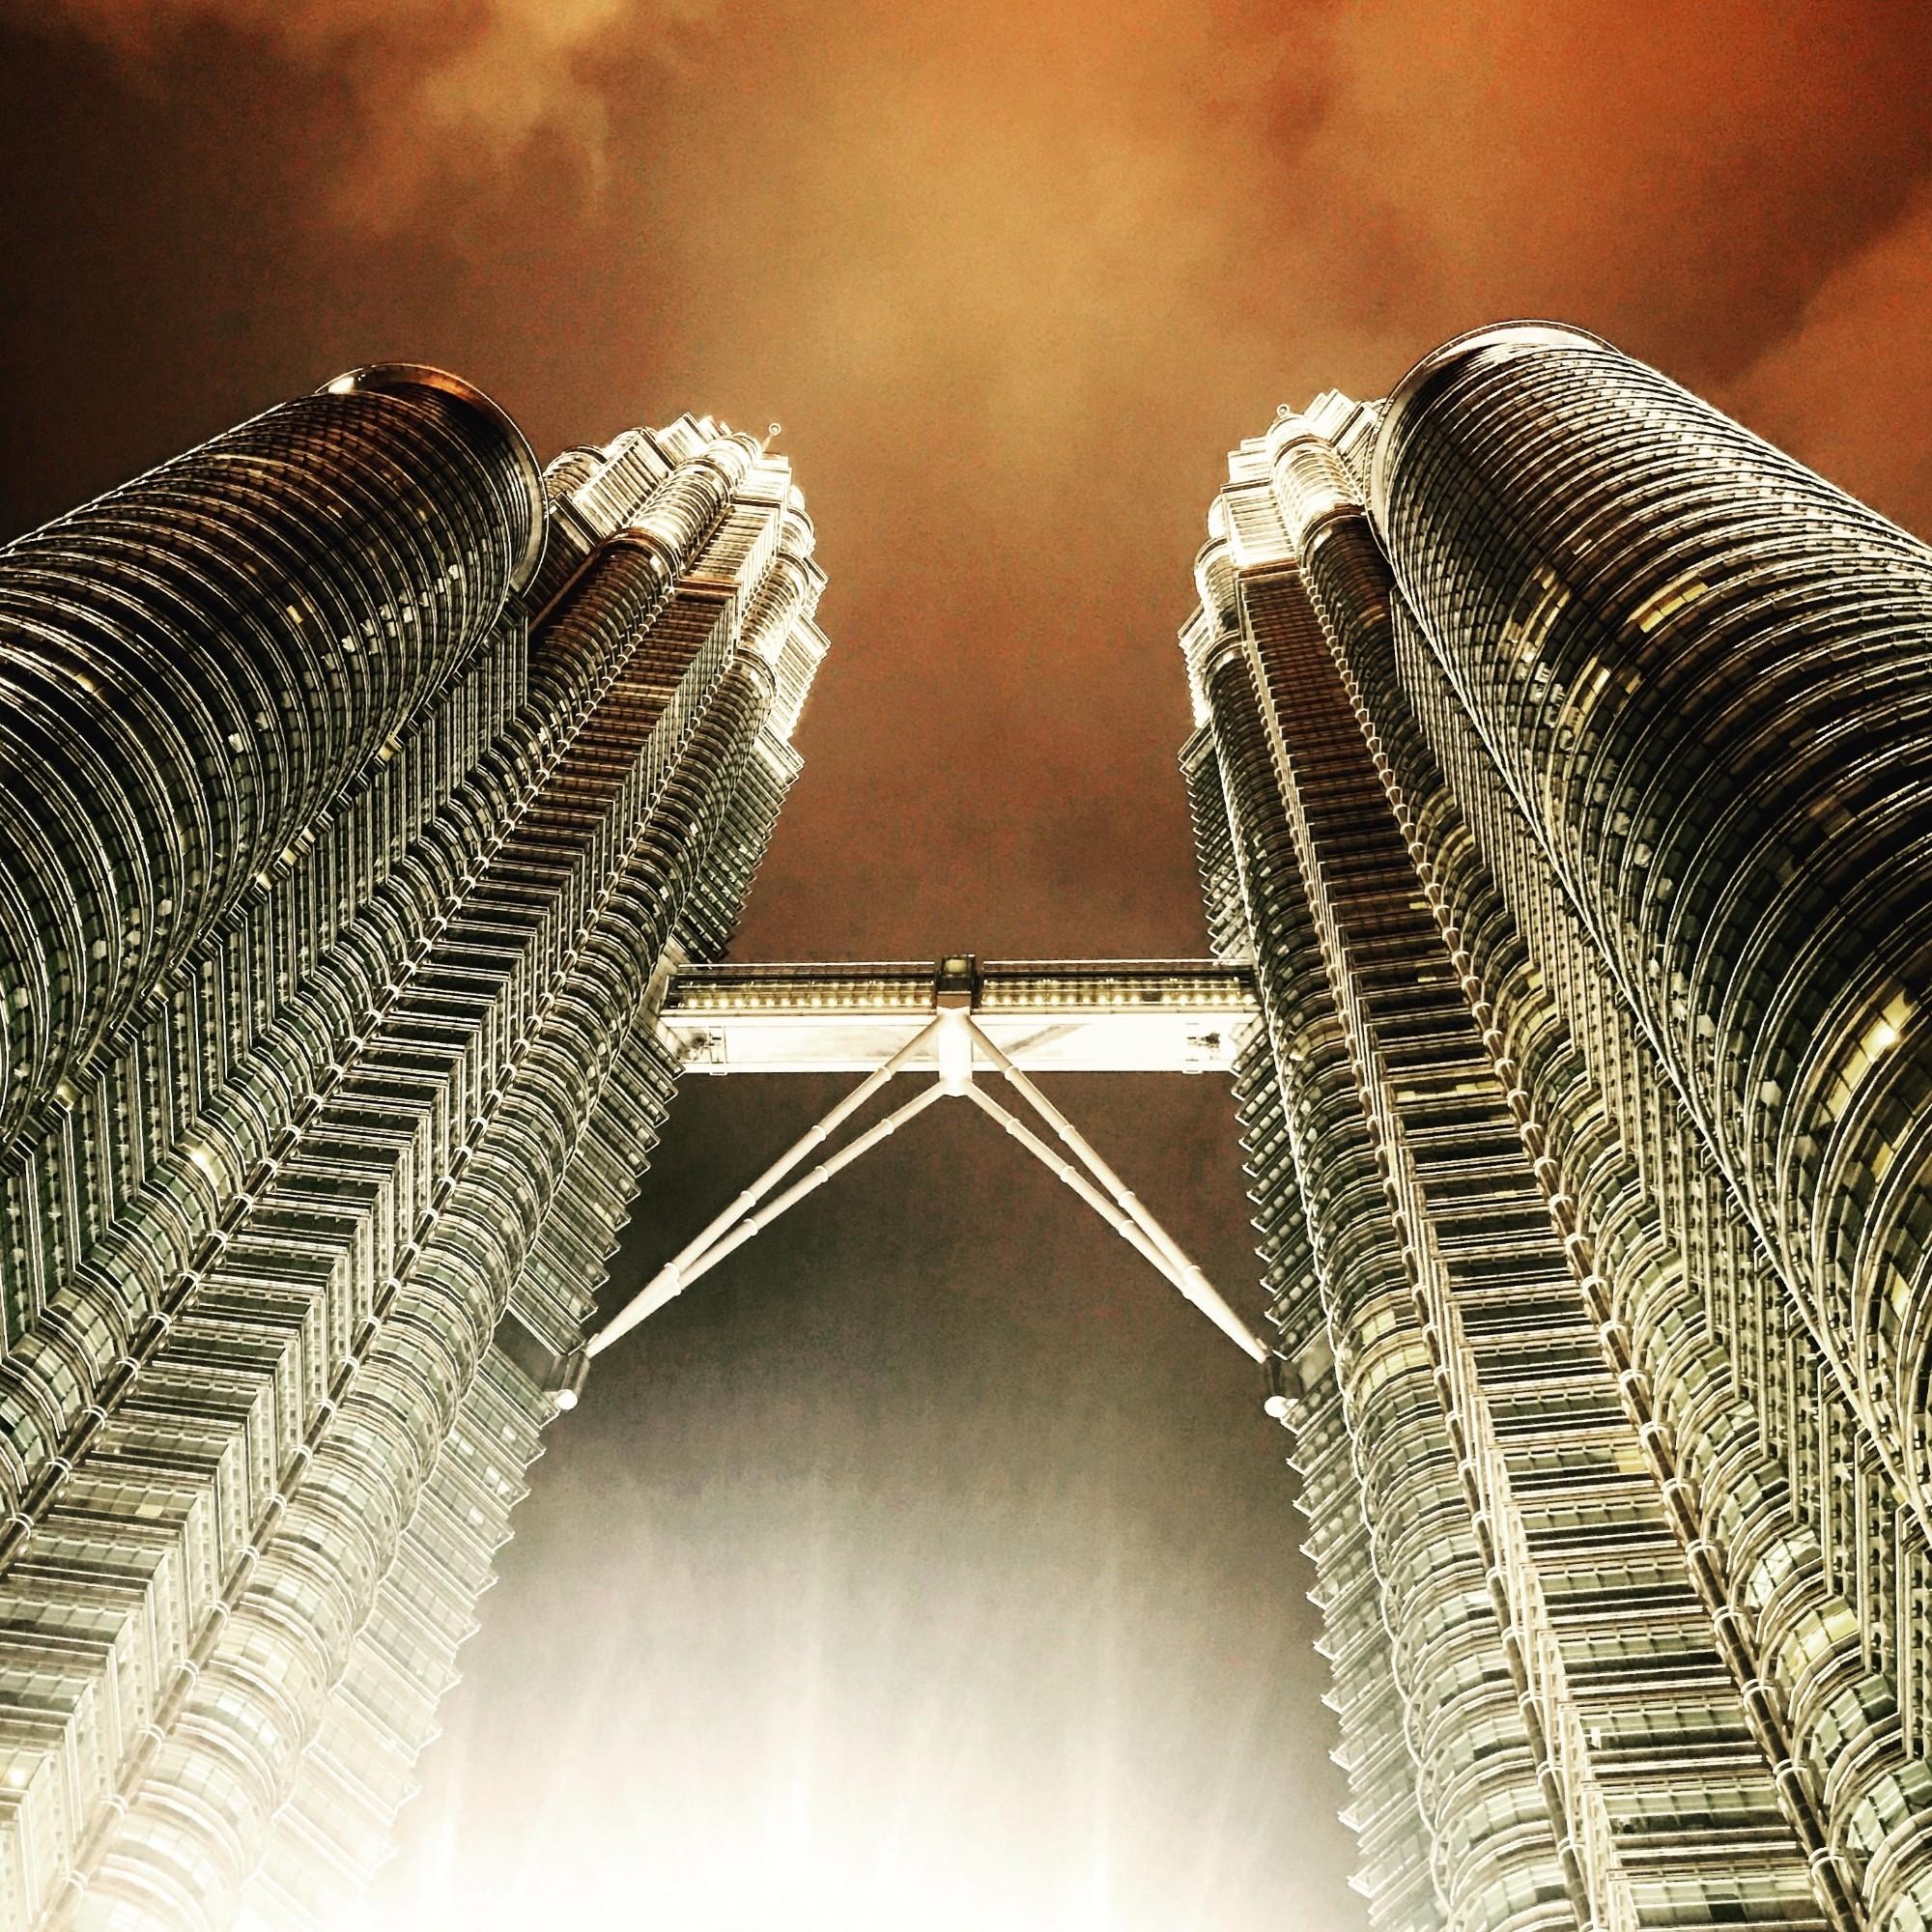 фотографии, малайзия фотографии рекламные основном